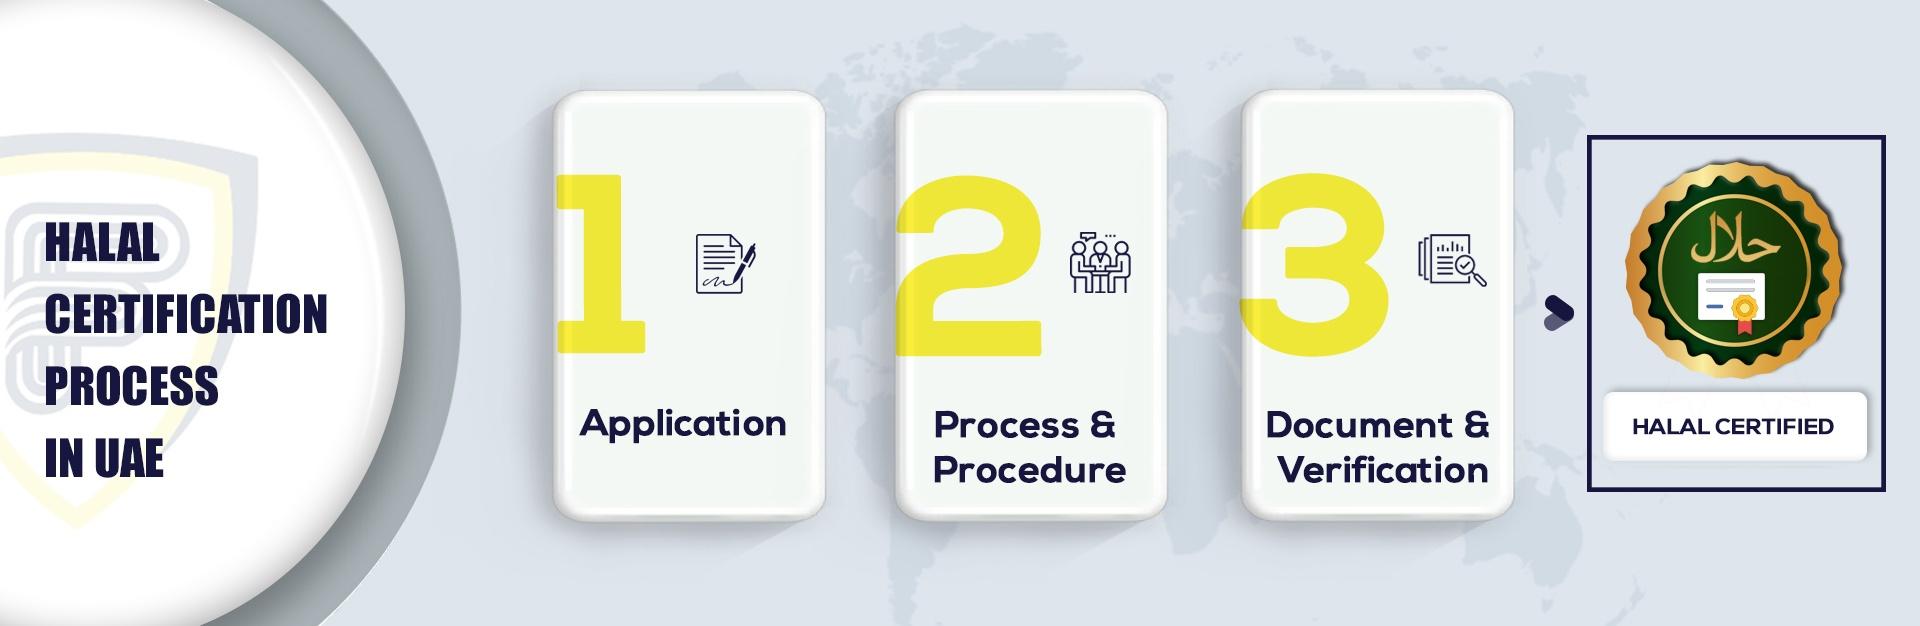 HALAL certification in UAE